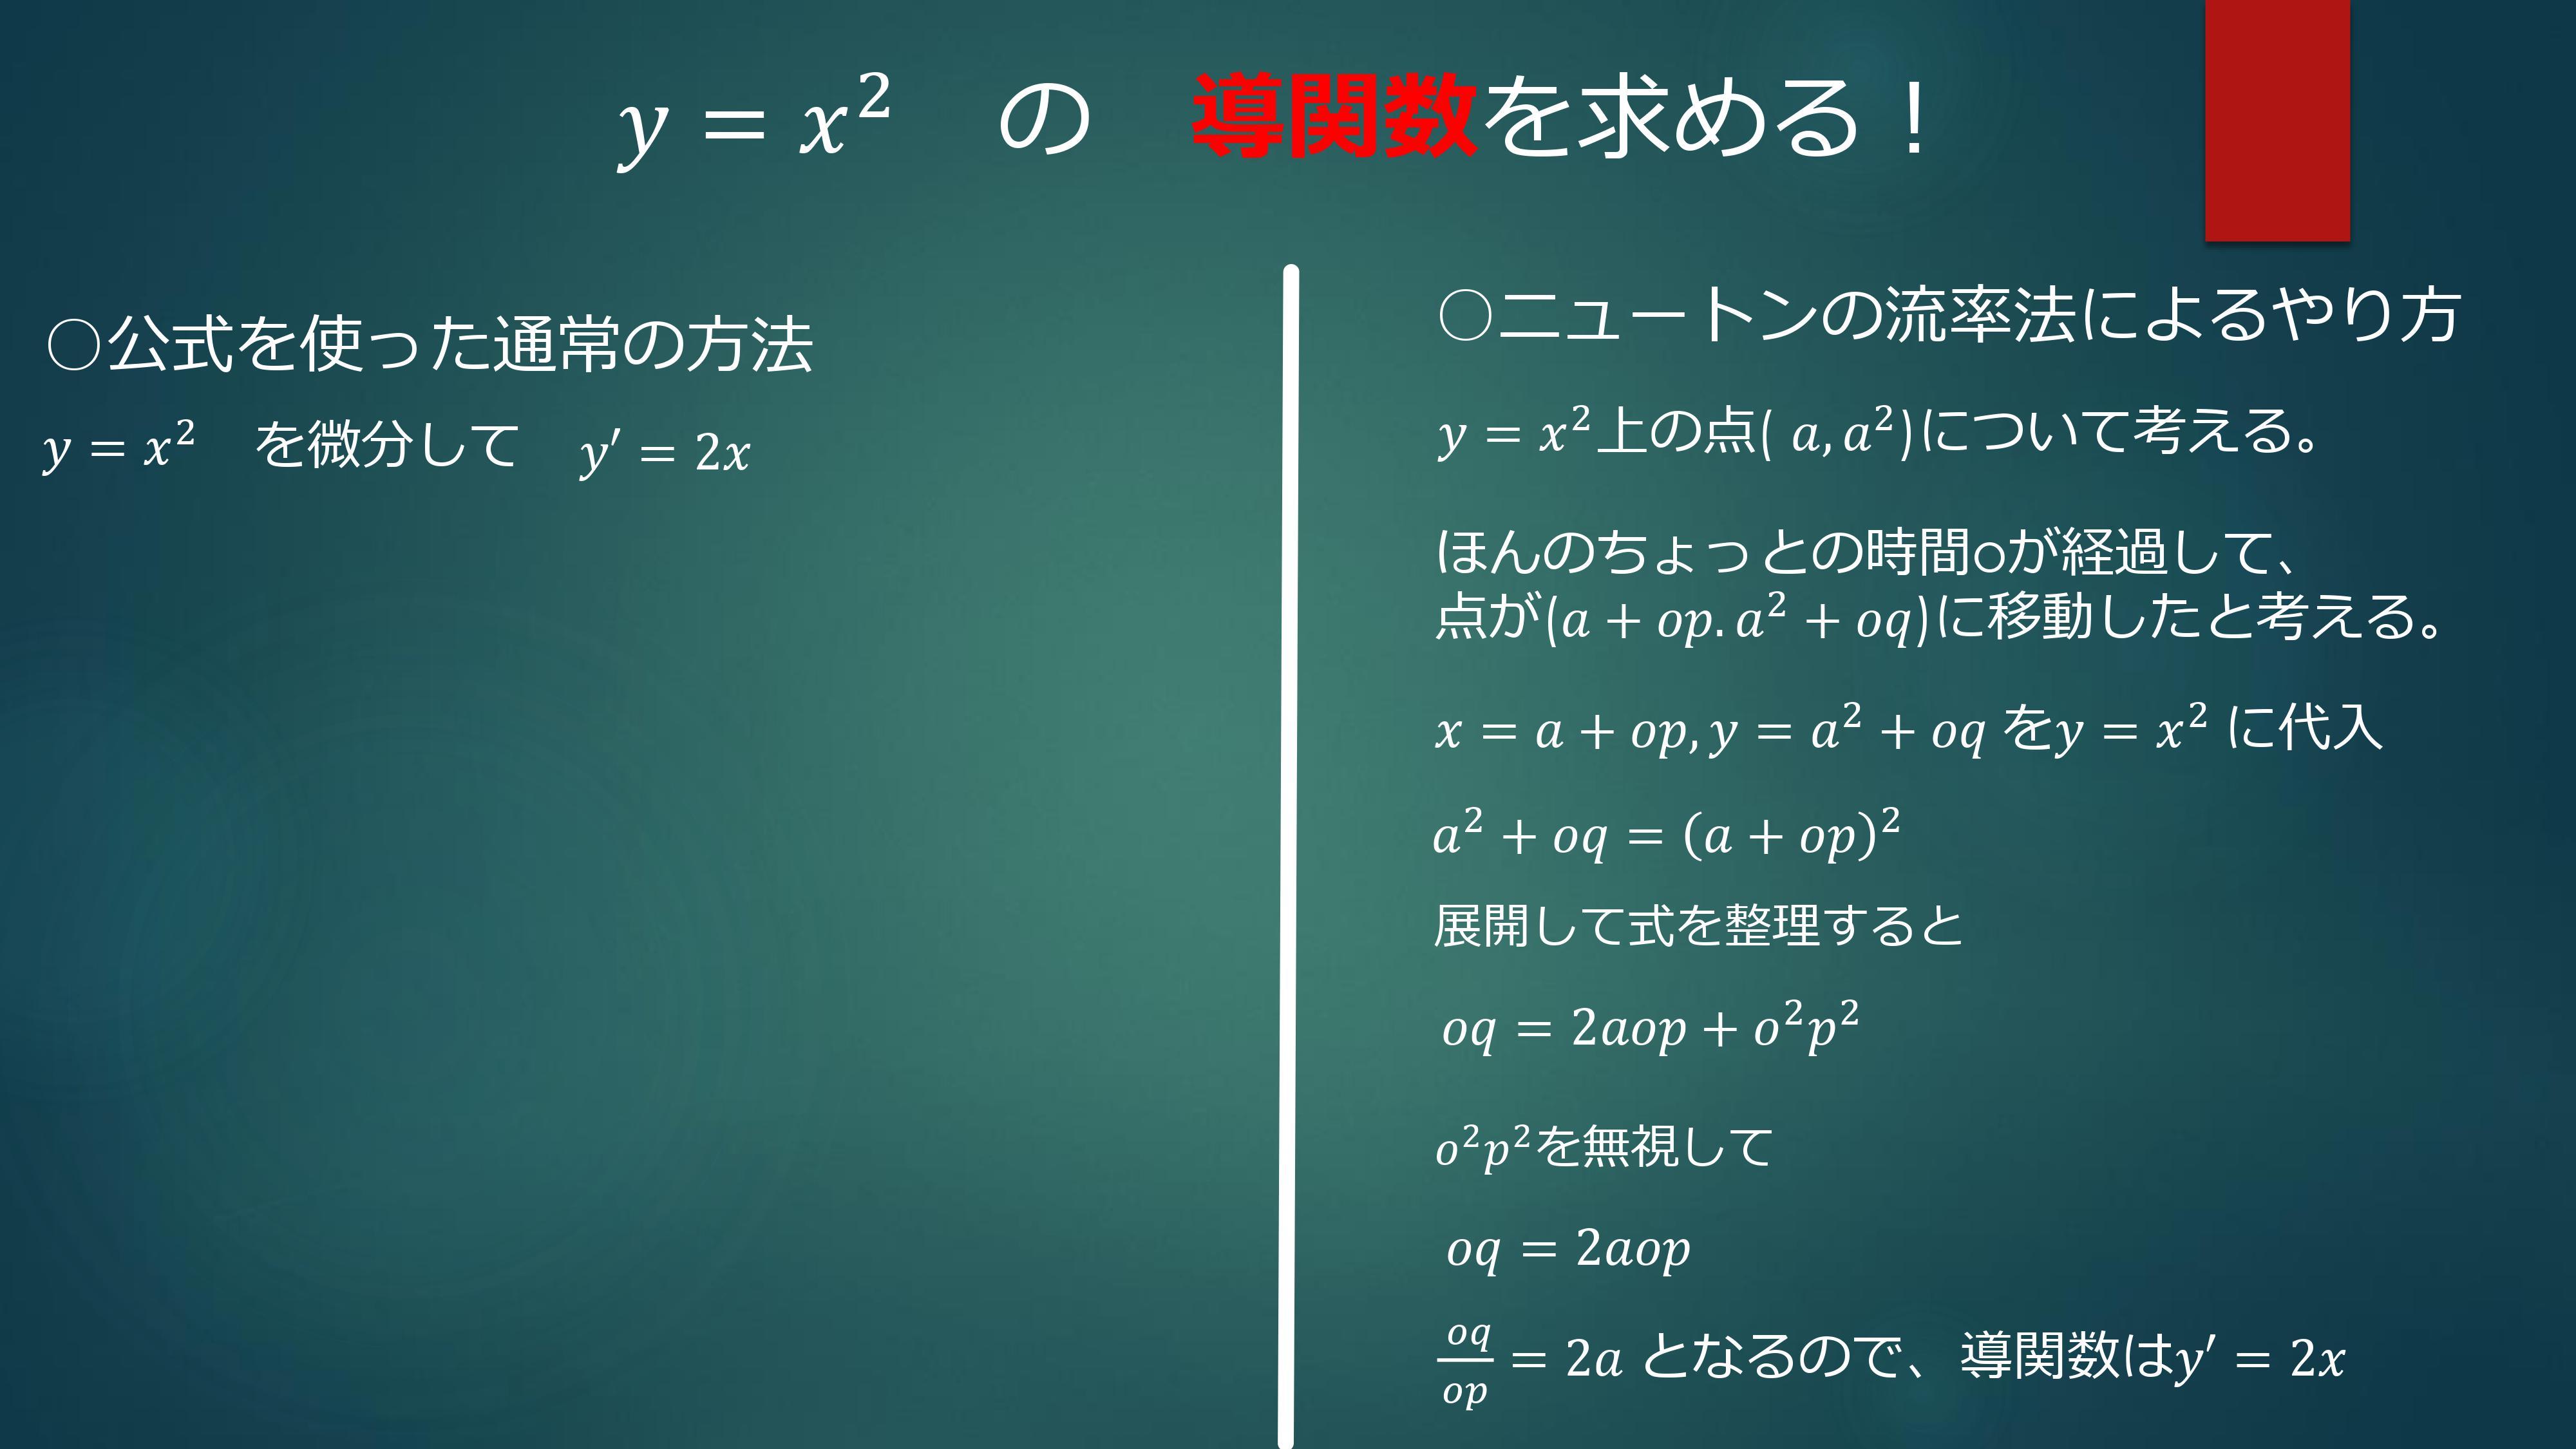 ニュートンの流率法